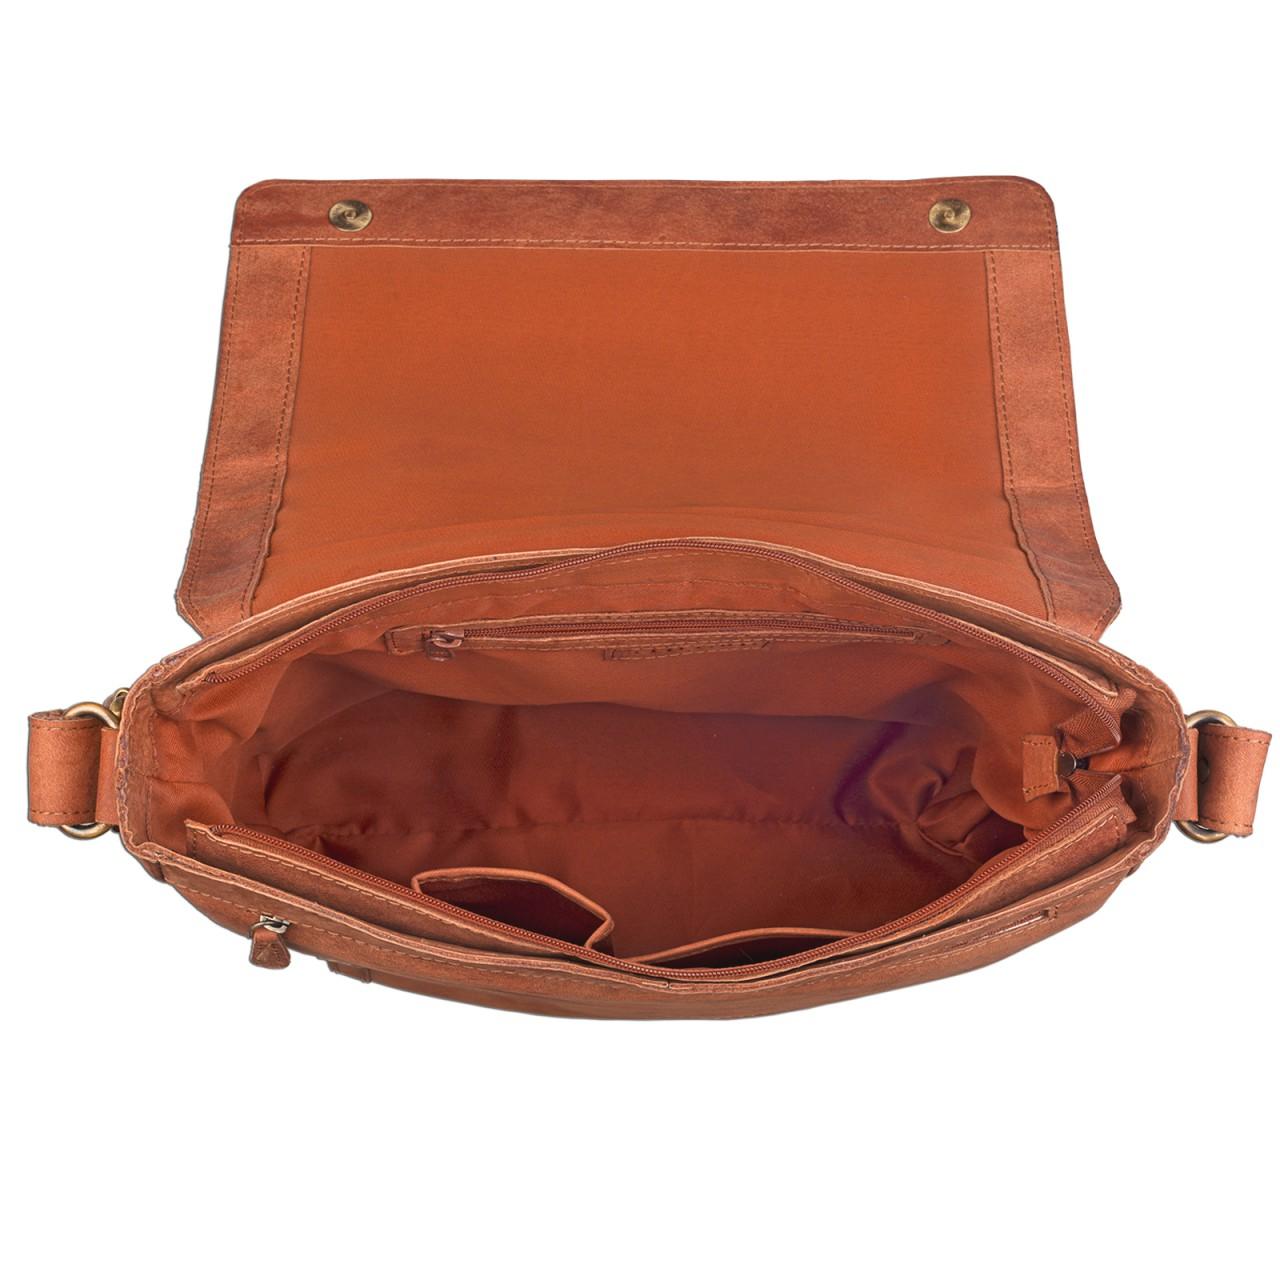 STILORD Schultertasche Ledertasche Umhängetasche Messenger Bag MacBook Laptop 14 Zoll A4 Akten Uni Freizeit Arbeit Leder orange braun - Bild 5